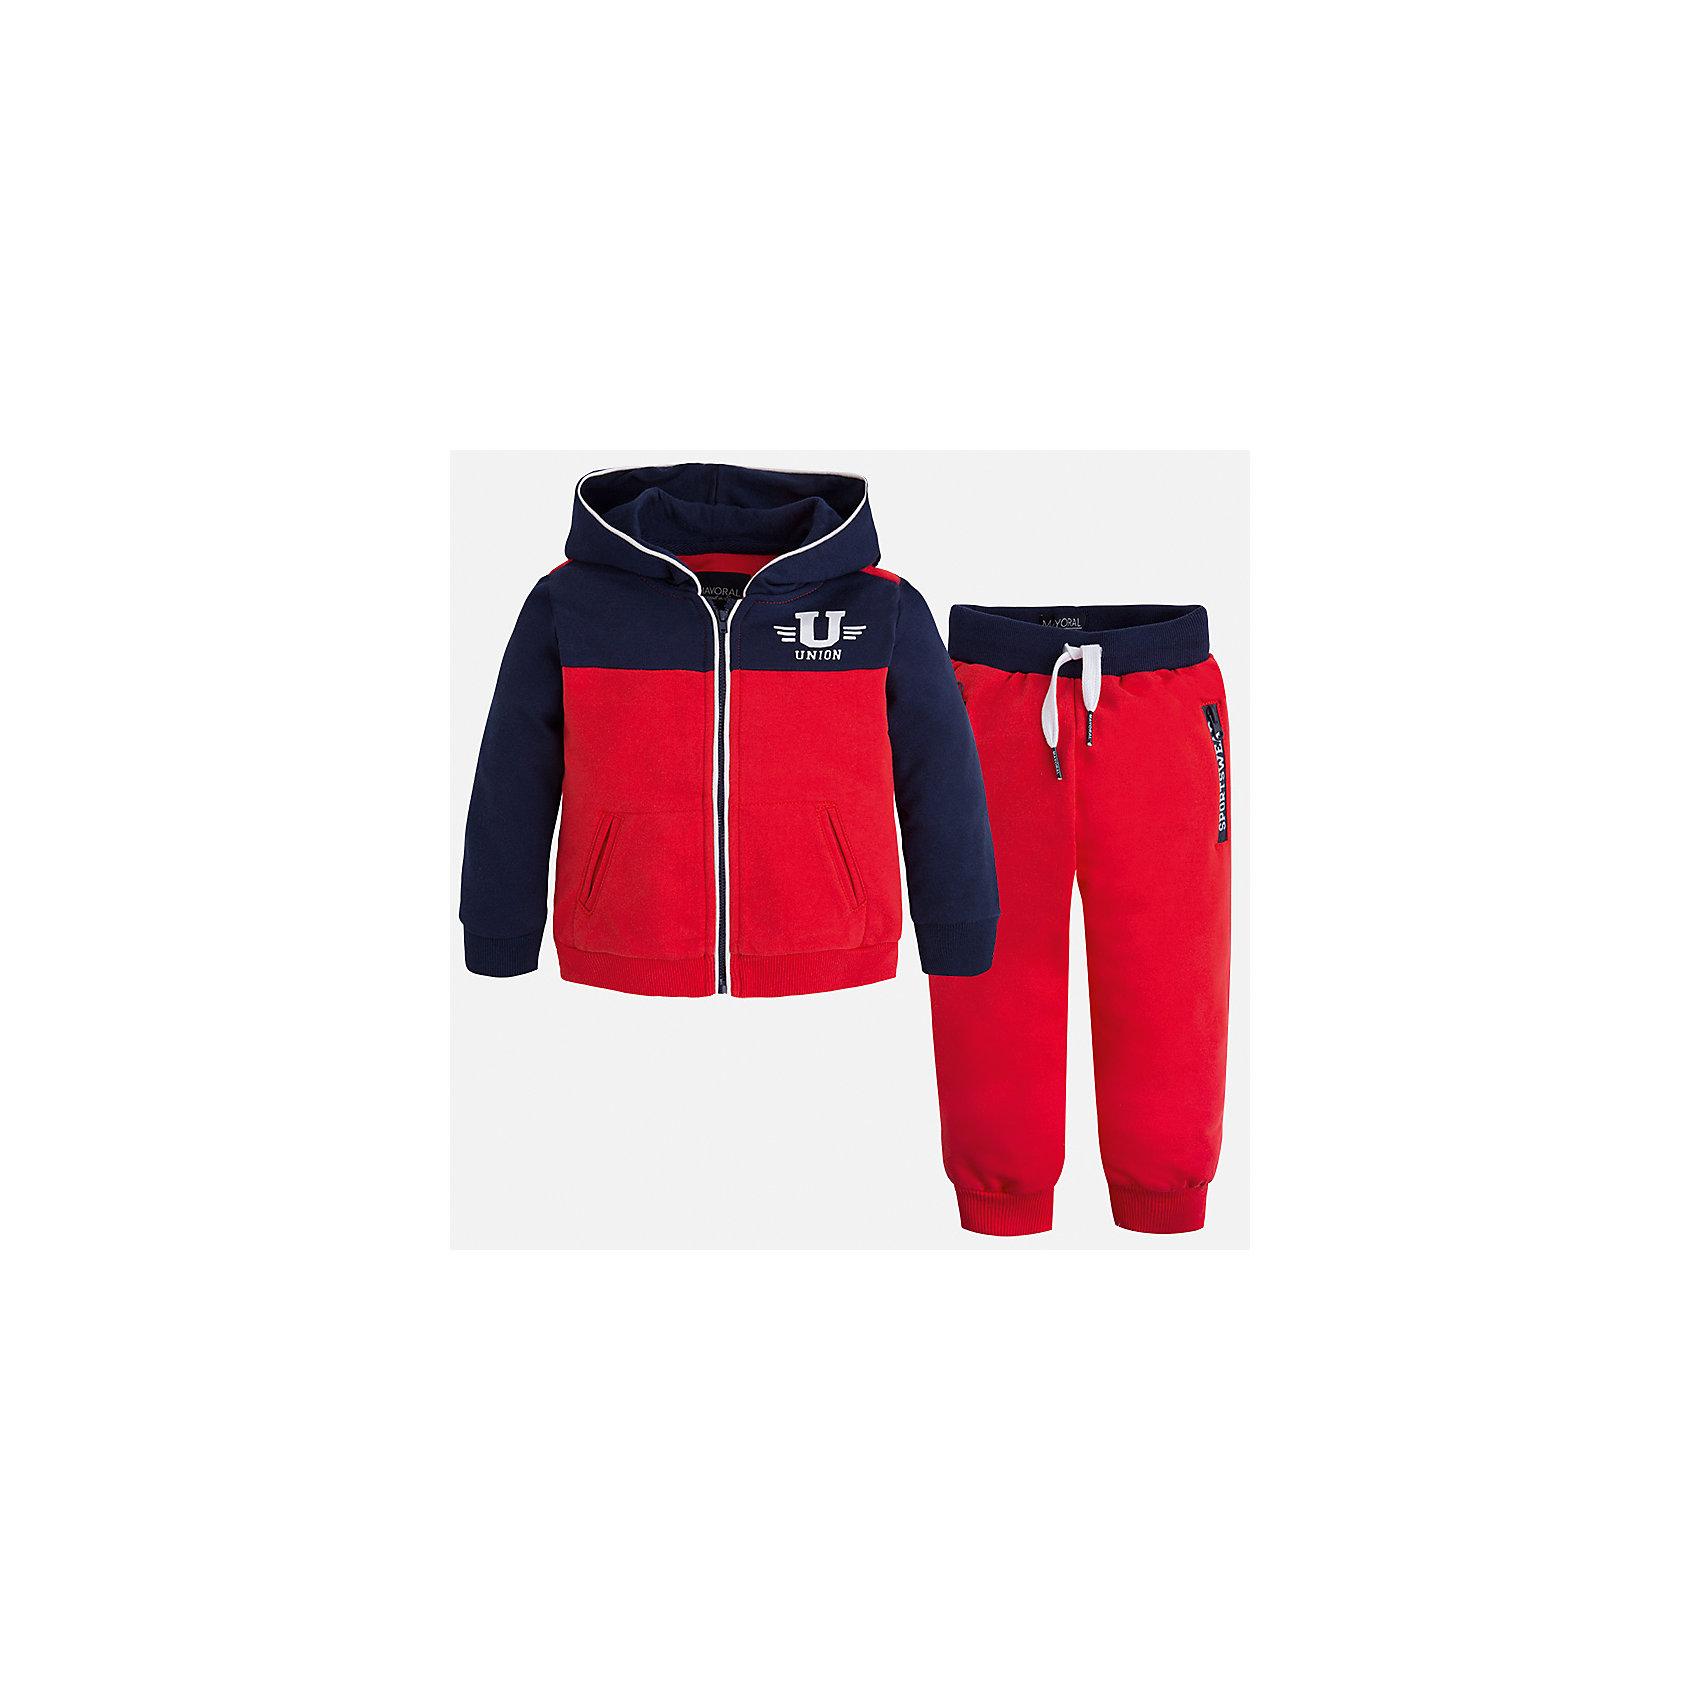 Спортивный костюм для мальчика MayoralСпортивная форма<br>Характеристики товара:<br><br>• цвет: красный<br>• состав: 60% хлопок, 40% полиэстер<br>• комплектация: курточка, штаны<br>• куртка декорирована принтом<br>• карманы<br>• капюшон<br>• штаны - пояс на шнурке<br>• манжеты<br>• страна бренда: Испания<br><br>Стильный качественный спортивный костюм для мальчика поможет разнообразить гардероб ребенка и удобно одеться. Курточка и штаны отлично сочетаются с другими предметами. Универсальный цвет позволяет подобрать к вещам верхнюю одежду практически любой расцветки. Интересная отделка модели делает её нарядной и оригинальной. В составе материала - натуральный хлопок, гипоаллергенный, приятный на ощупь, дышащий.<br><br>Одежда, обувь и аксессуары от испанского бренда Mayoral полюбились детям и взрослым по всему миру. Модели этой марки - стильные и удобные. Для их производства используются только безопасные, качественные материалы и фурнитура. Порадуйте ребенка модными и красивыми вещами от Mayoral! <br><br>Спортивный костюм для мальчика от испанского бренда Mayoral (Майорал) можно купить в нашем интернет-магазине.<br><br>Ширина мм: 247<br>Глубина мм: 16<br>Высота мм: 140<br>Вес г: 225<br>Цвет: красный<br>Возраст от месяцев: 96<br>Возраст до месяцев: 108<br>Пол: Мужской<br>Возраст: Детский<br>Размер: 134,128,122,110,104,98,116,92<br>SKU: 5281180